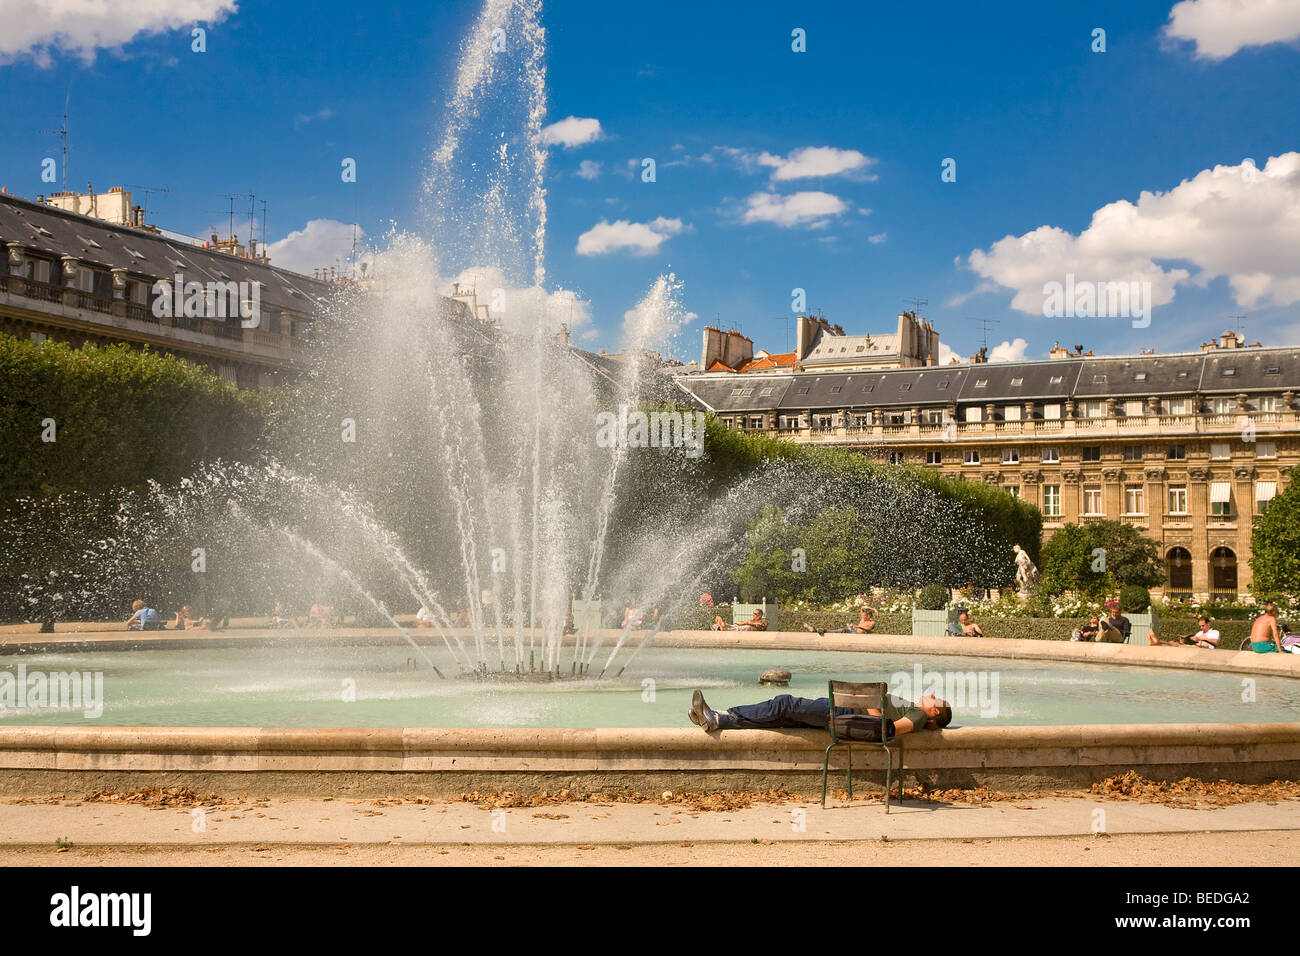 JARDIN DU PALAIS ROYAL, PARIS - Stock Image